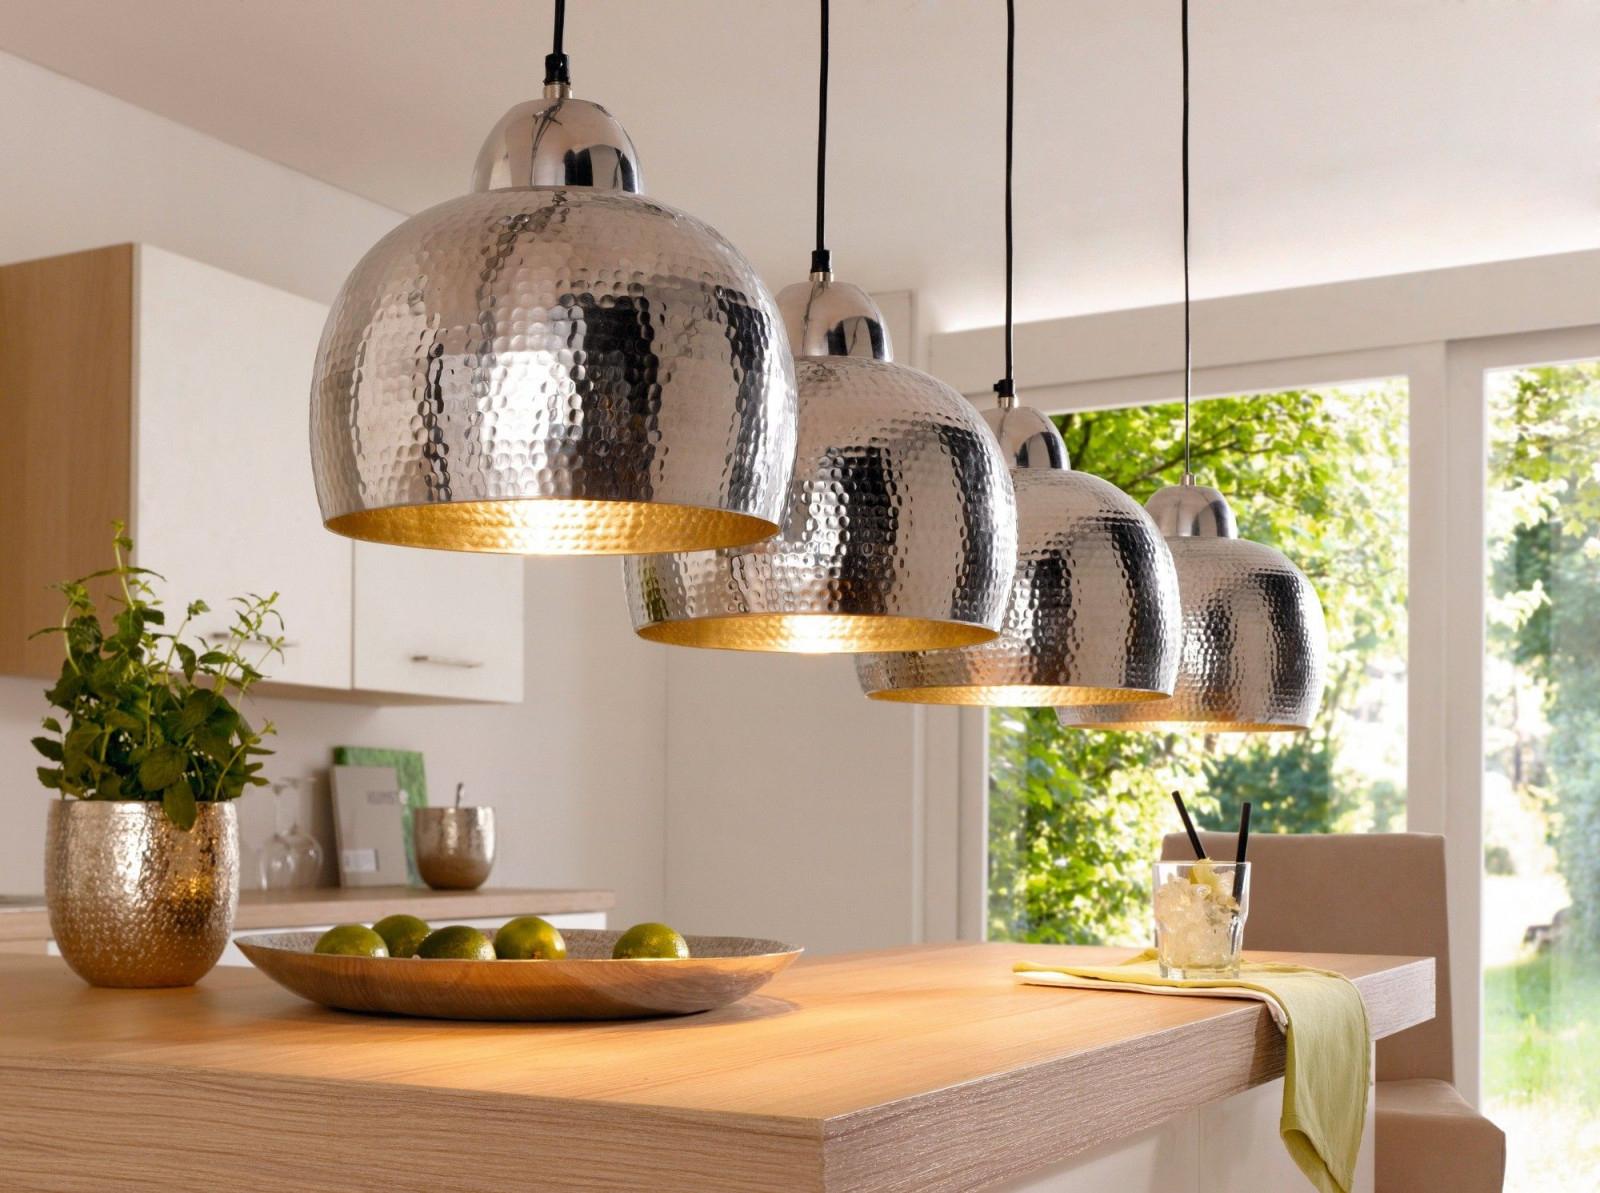 Deckenleuchte Im Hammerschlagdesign  Wohnzimmerlampe von Wohnzimmer Lampe Landhausstil Bild